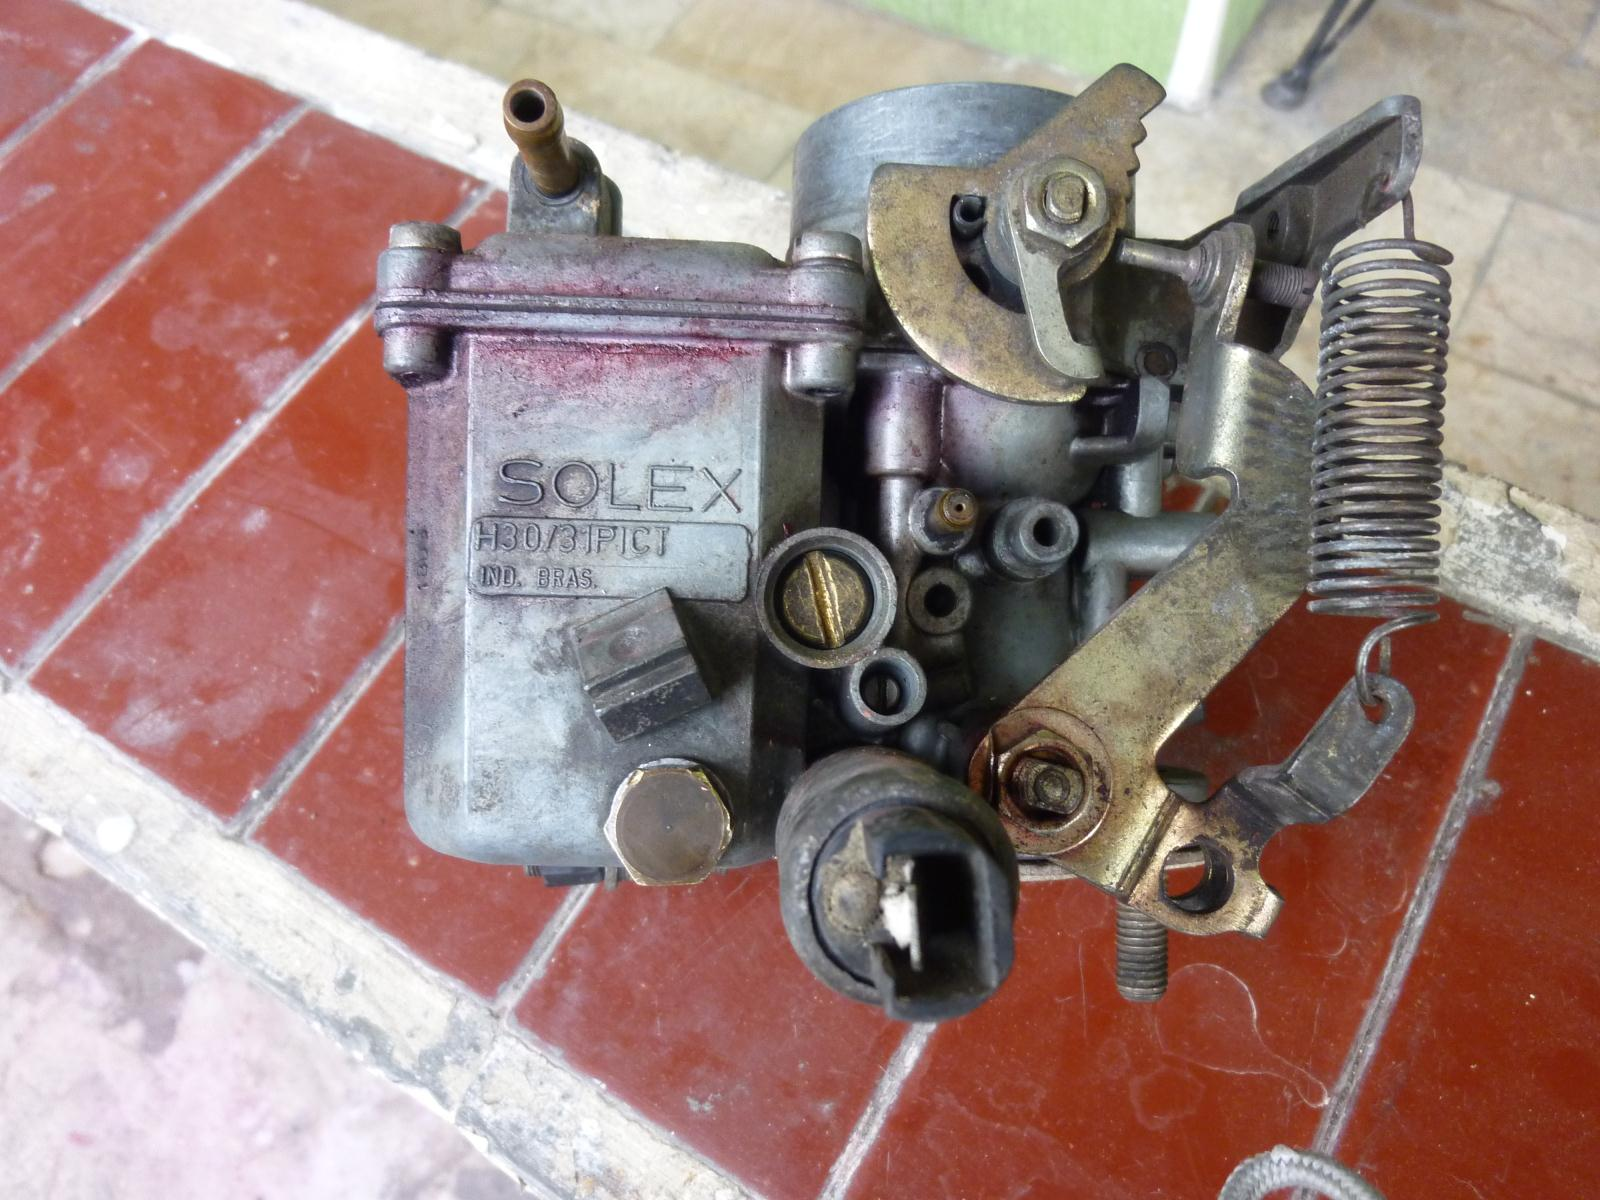 volkswagen-carburetors-main-jet html in ysazyxu github com